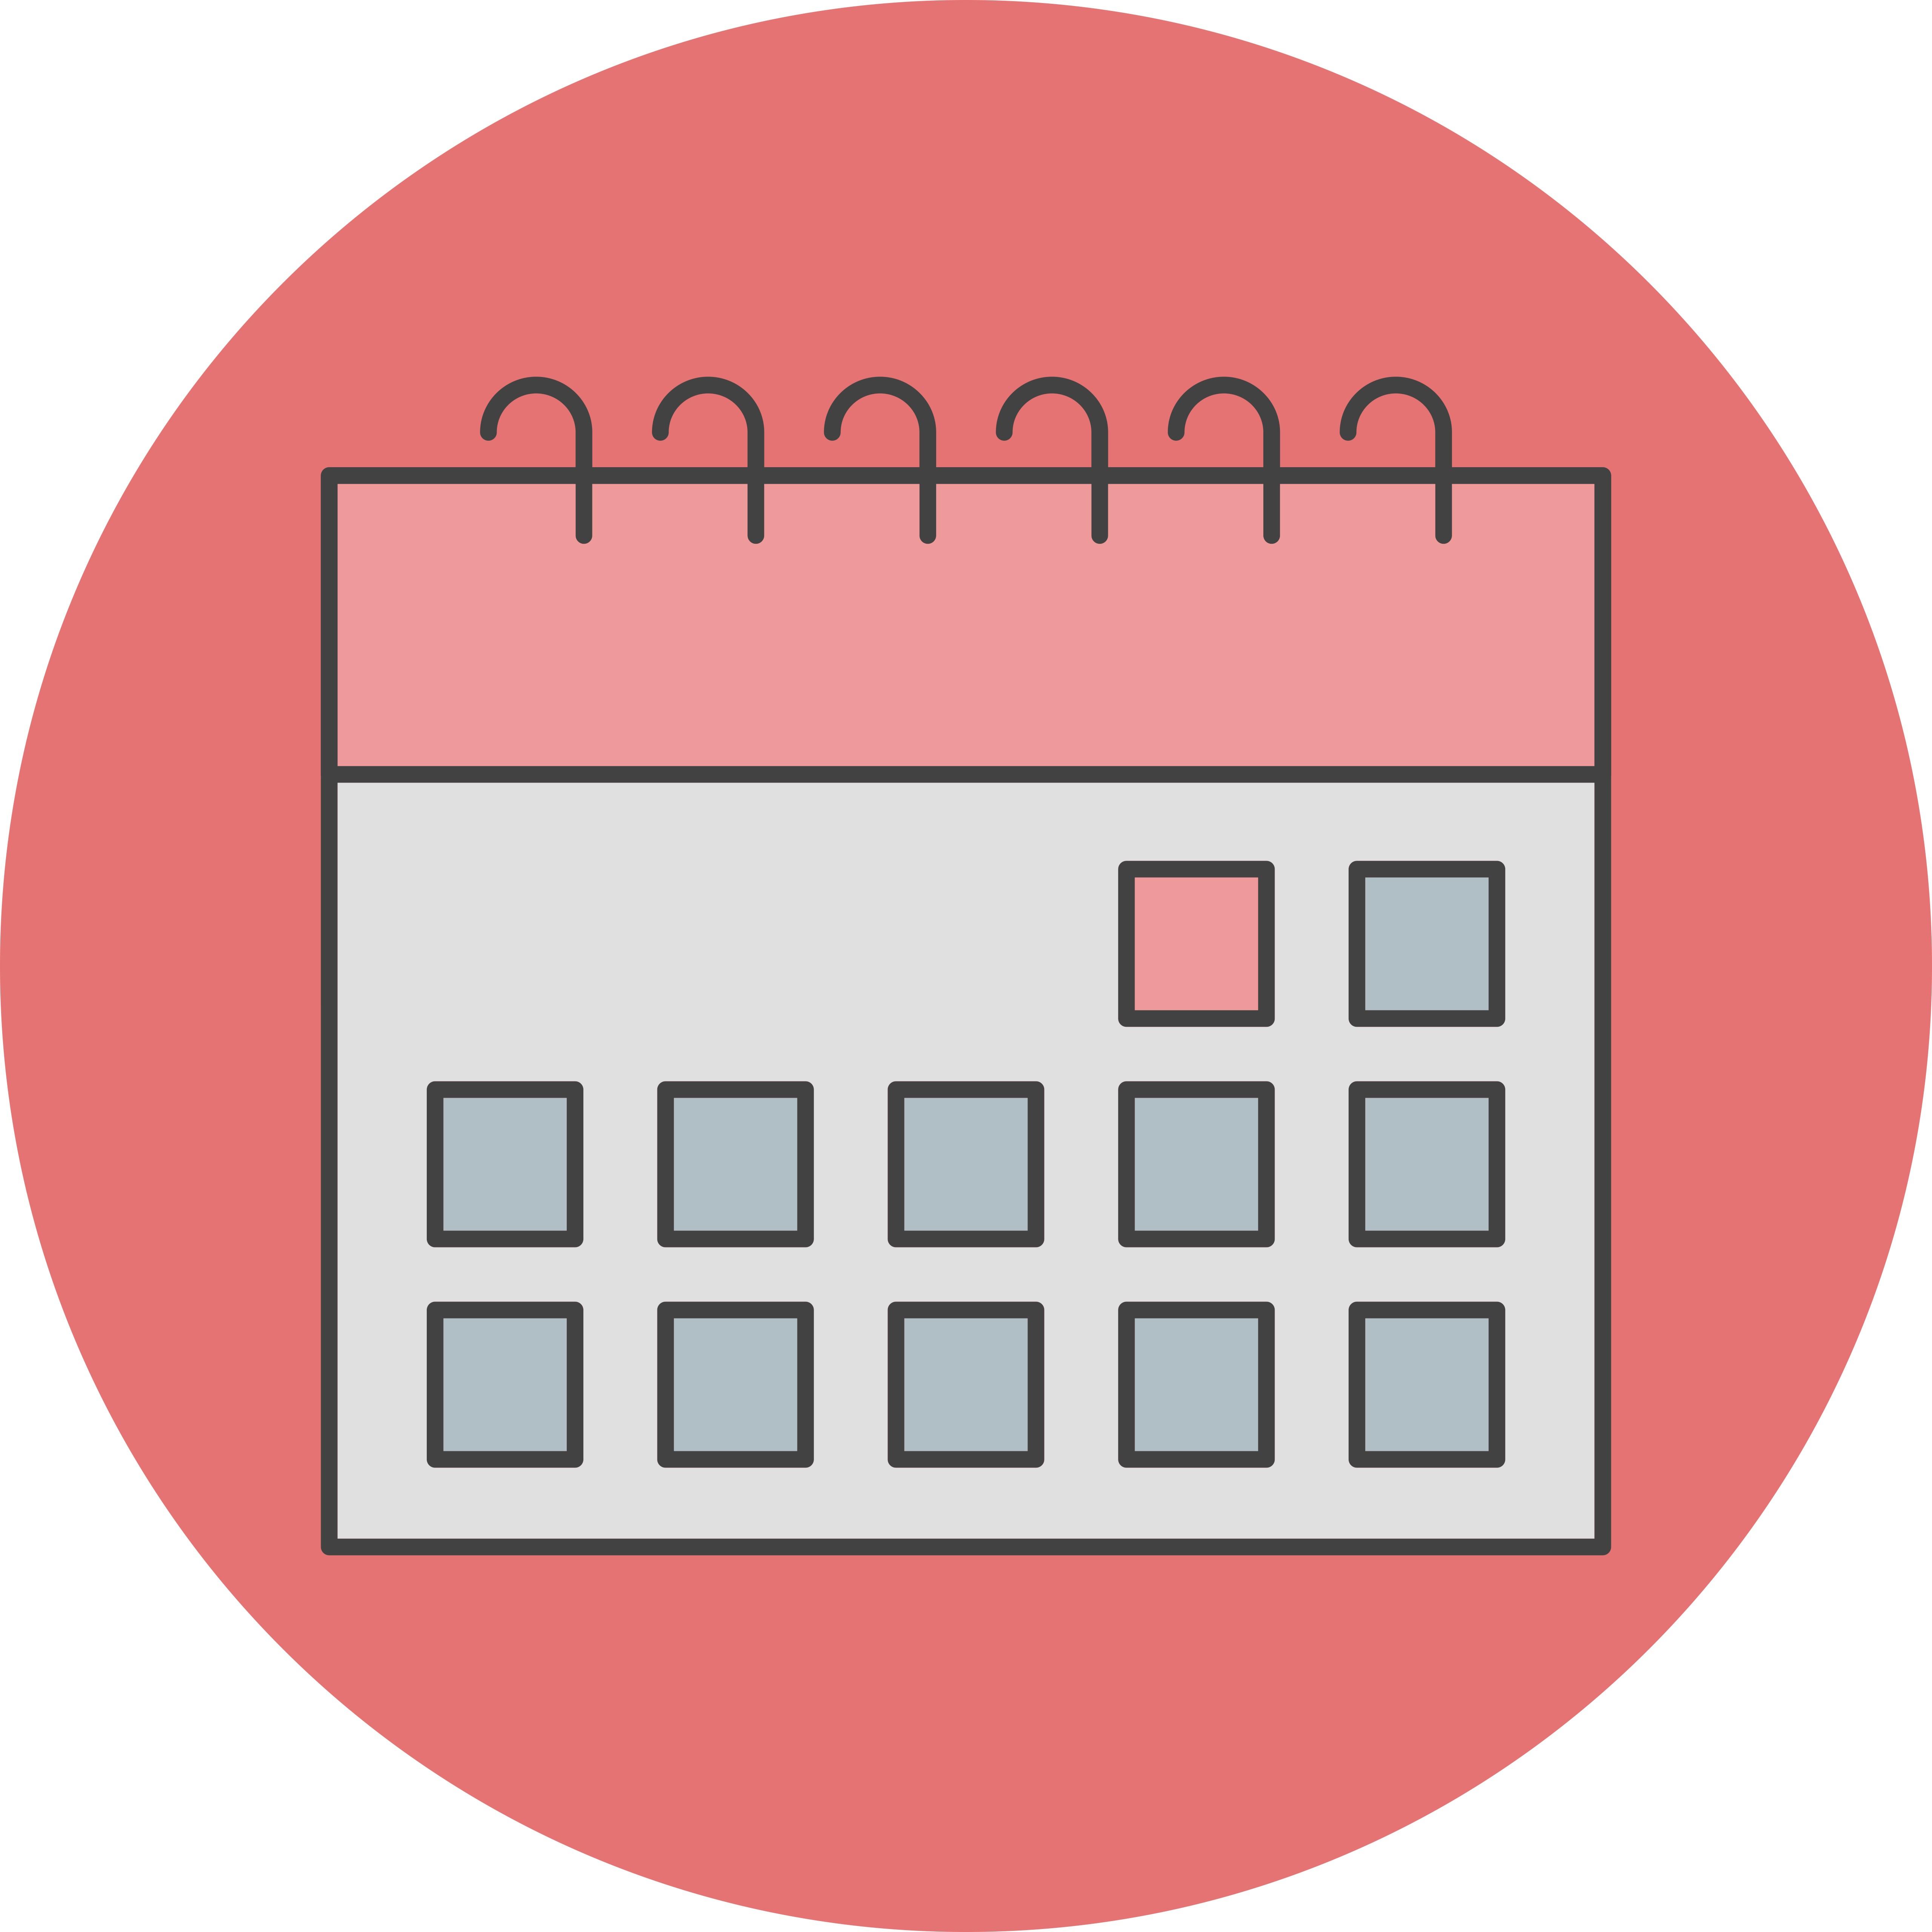 календарь значок картинка дизайнерские решения водопадами